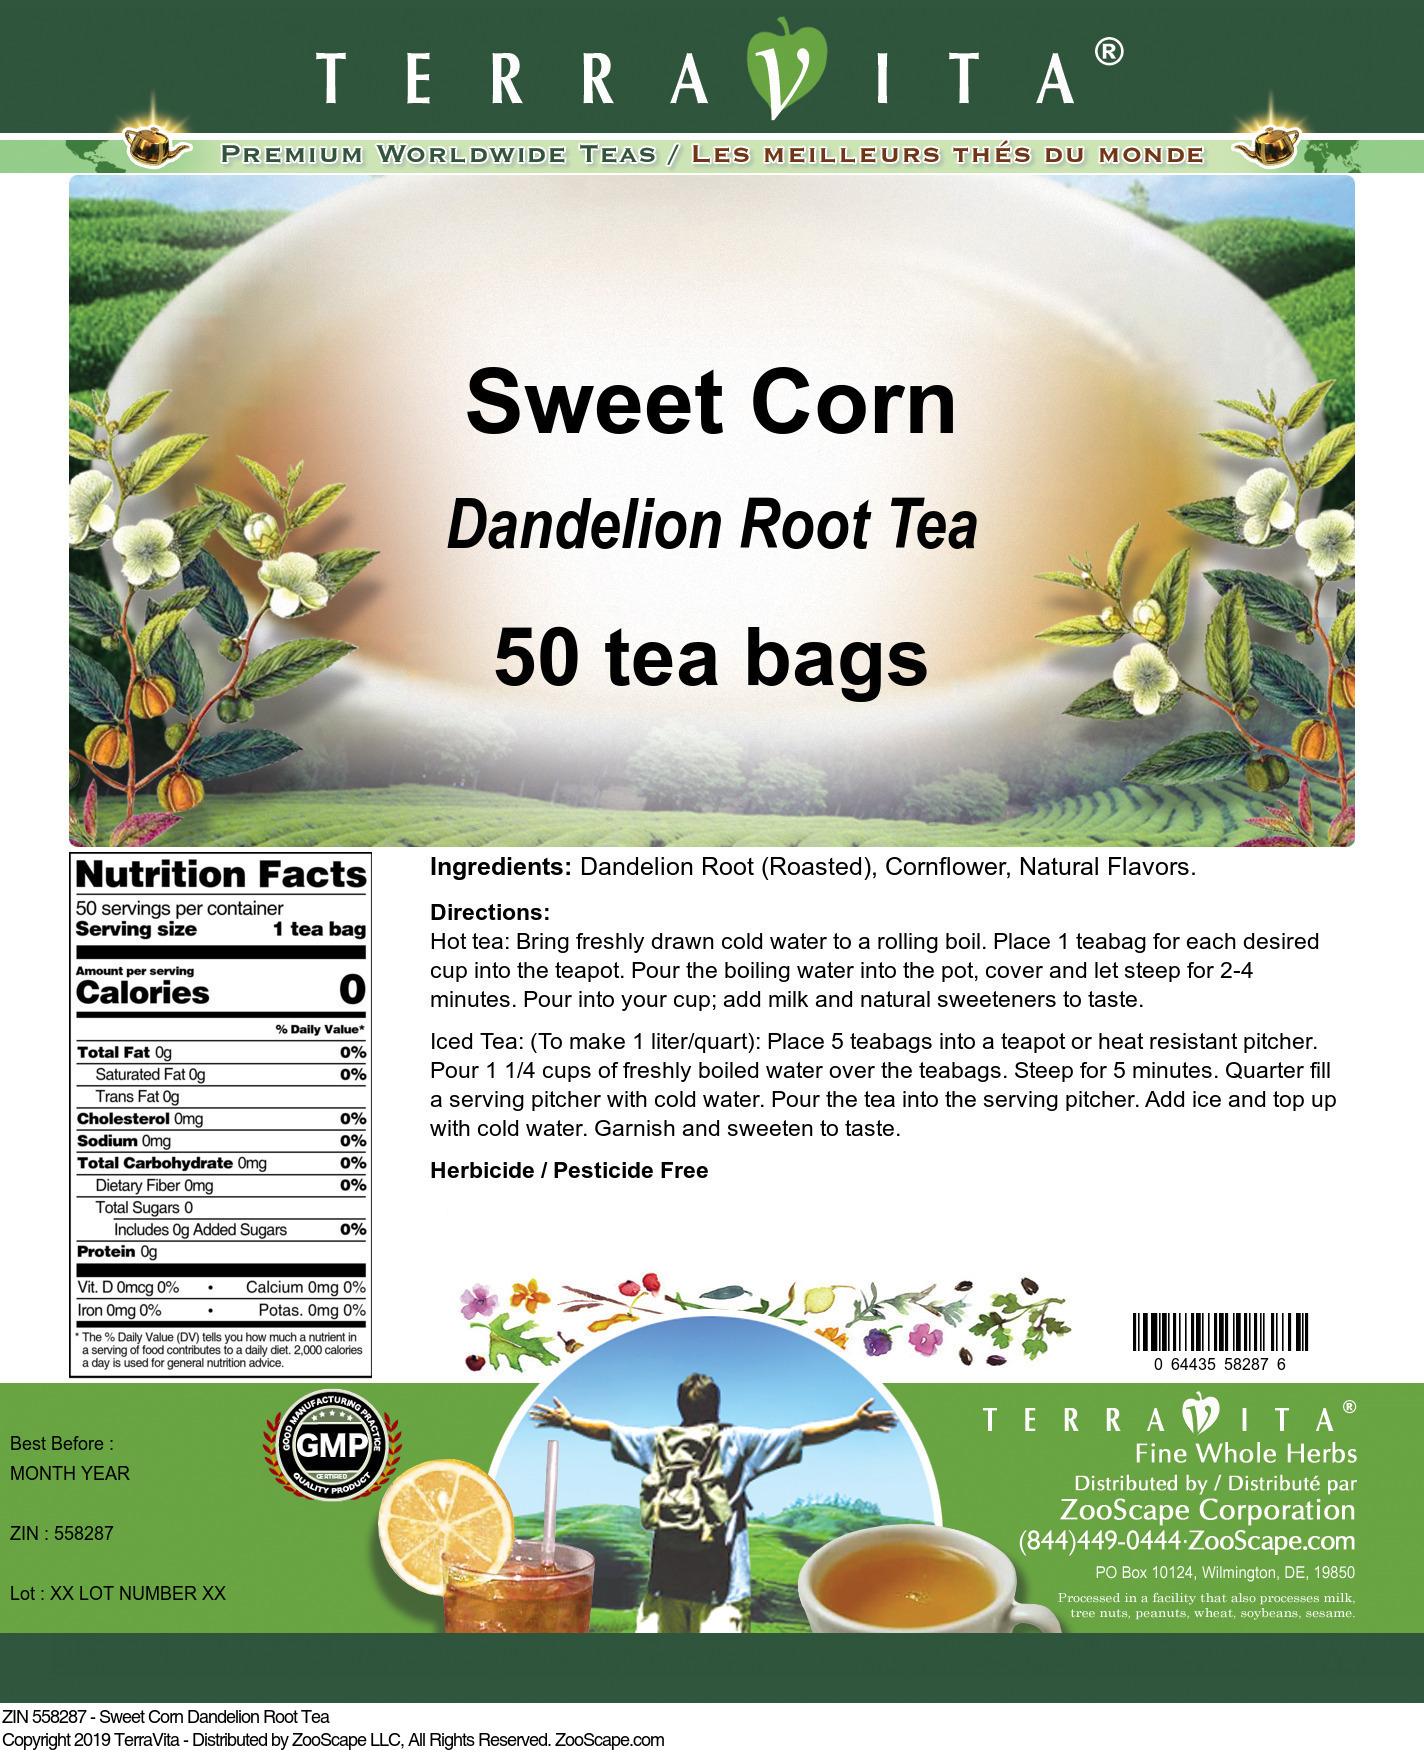 Sweet Corn Dandelion Root